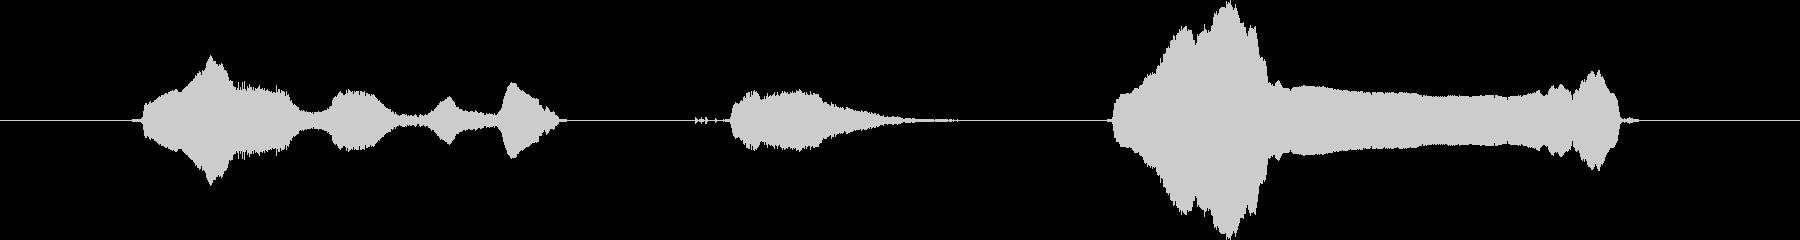 にゅふふふ、にゃーんの未再生の波形